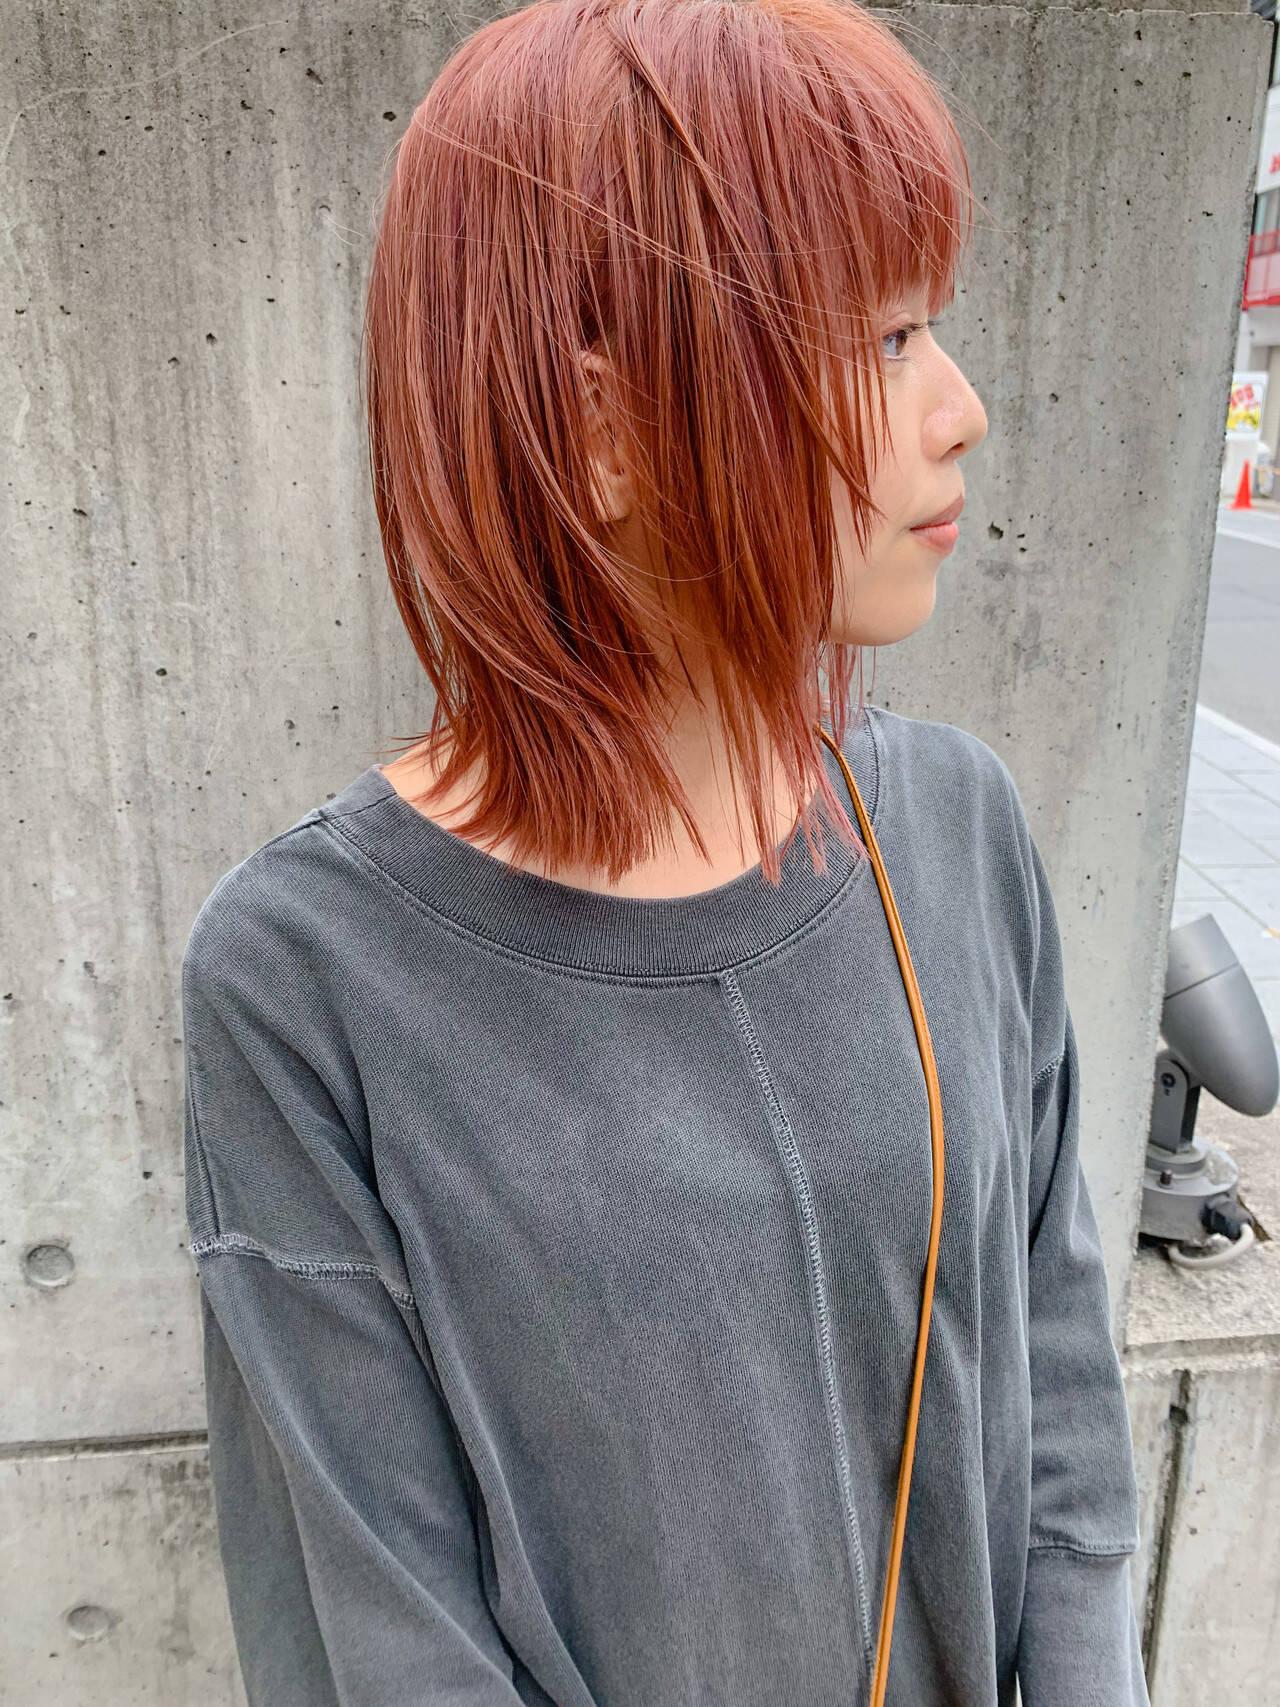 赤髪 ボブウルフ ウルフレイヤー ボブヘアスタイルや髪型の写真・画像